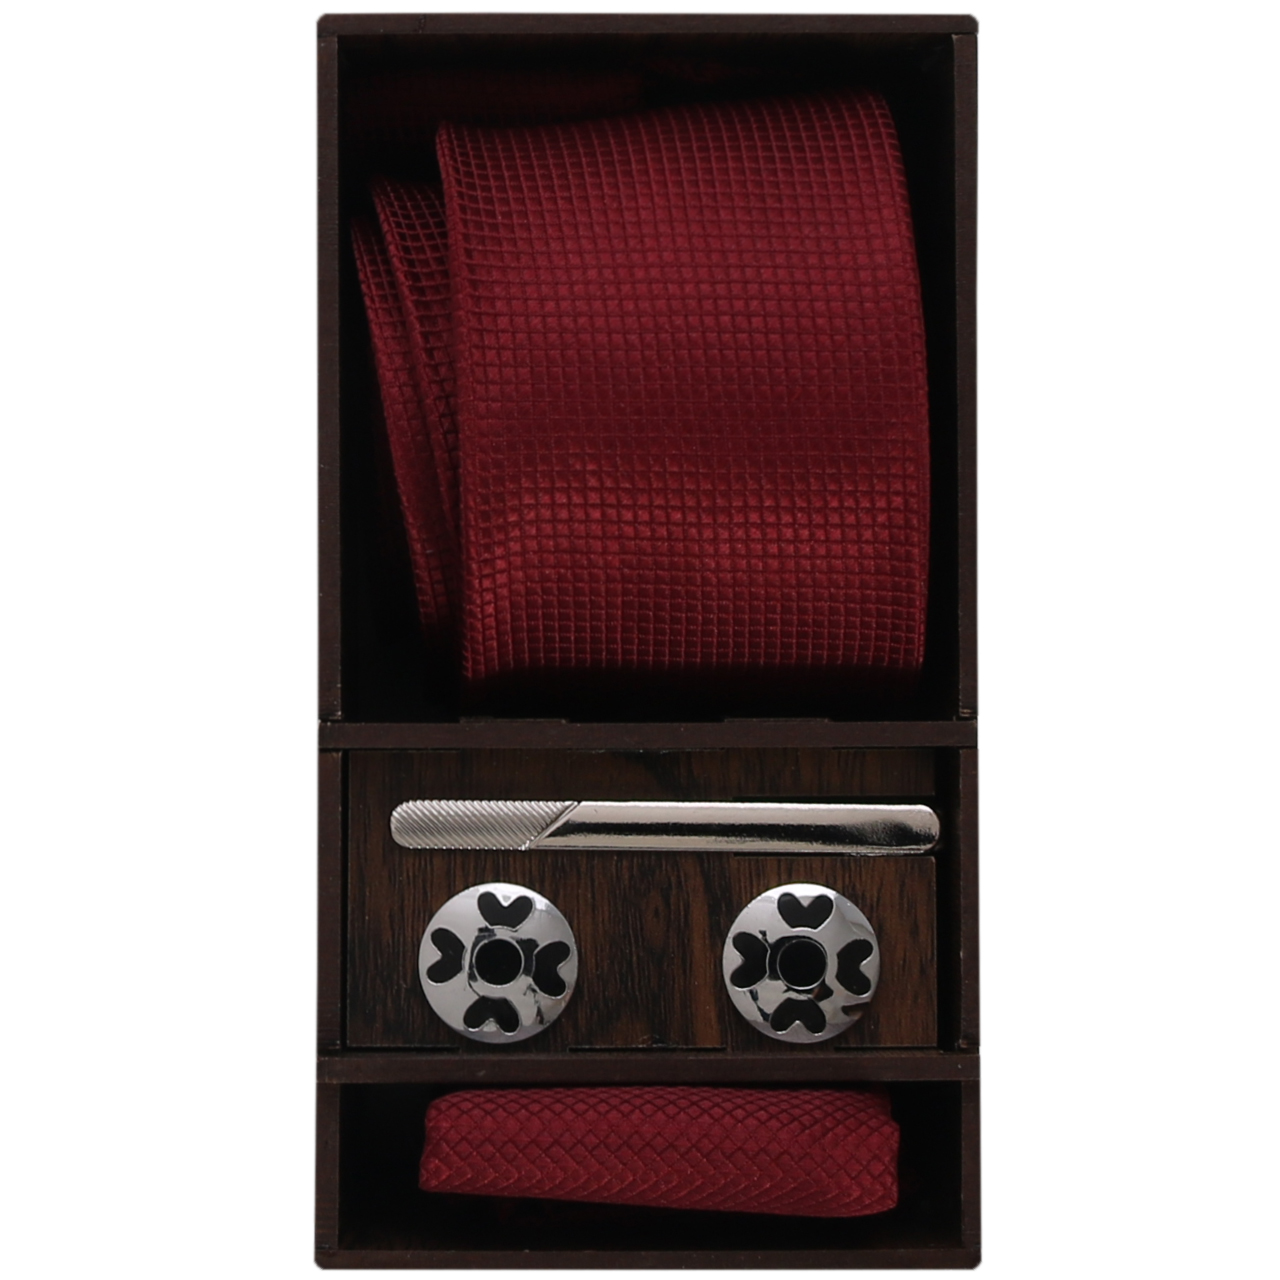 ست کراوات و گیره کراوات و دستمال جیب و دکمه سردست مردانه مدل PJ-103483                     غیر اصل